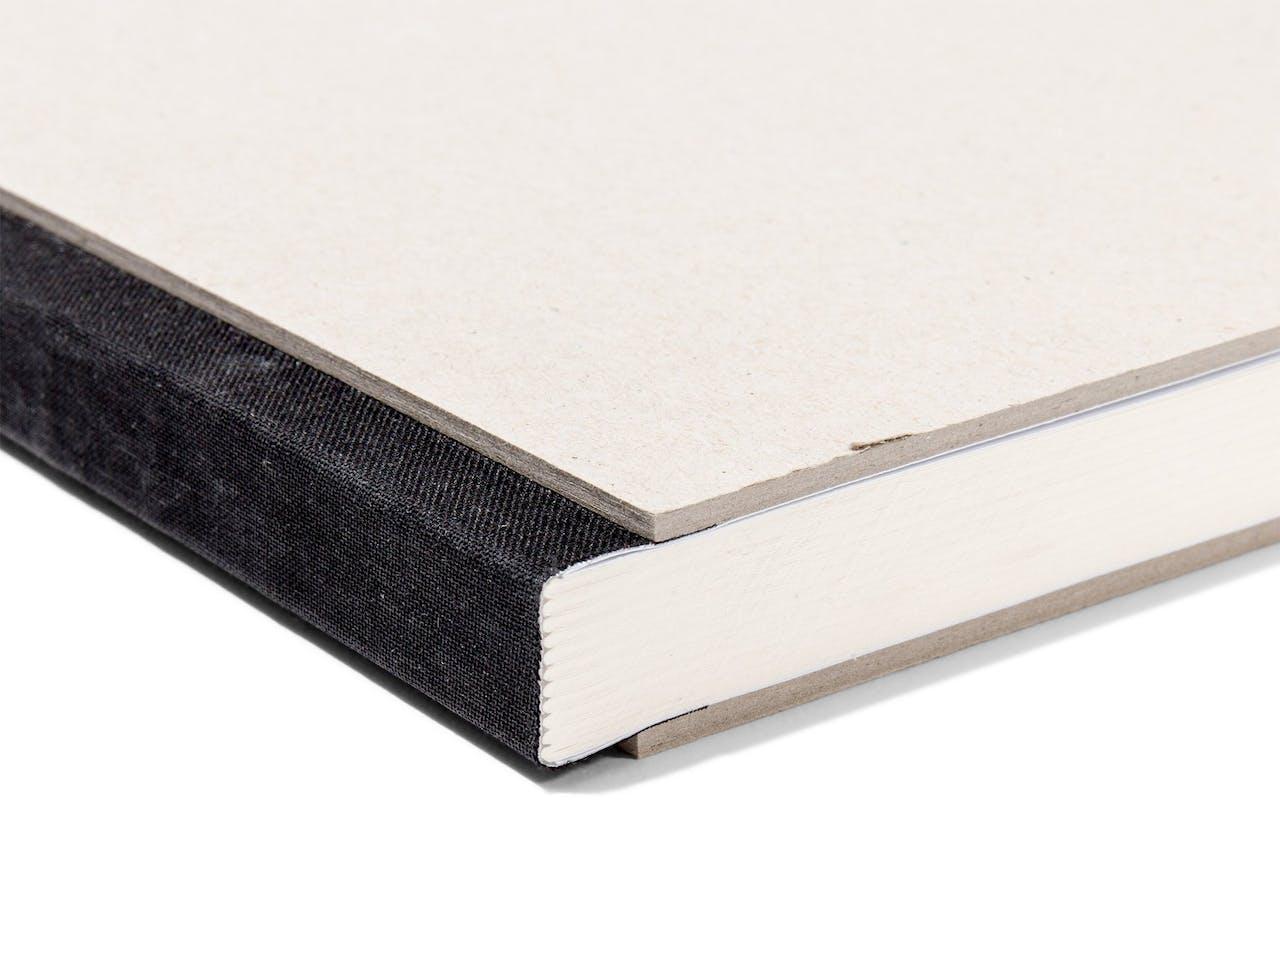 Projekt-Skizzenbuch, 100 g/m², 210x297 DIN A4 quer,72 Bl./144 S.,schw.